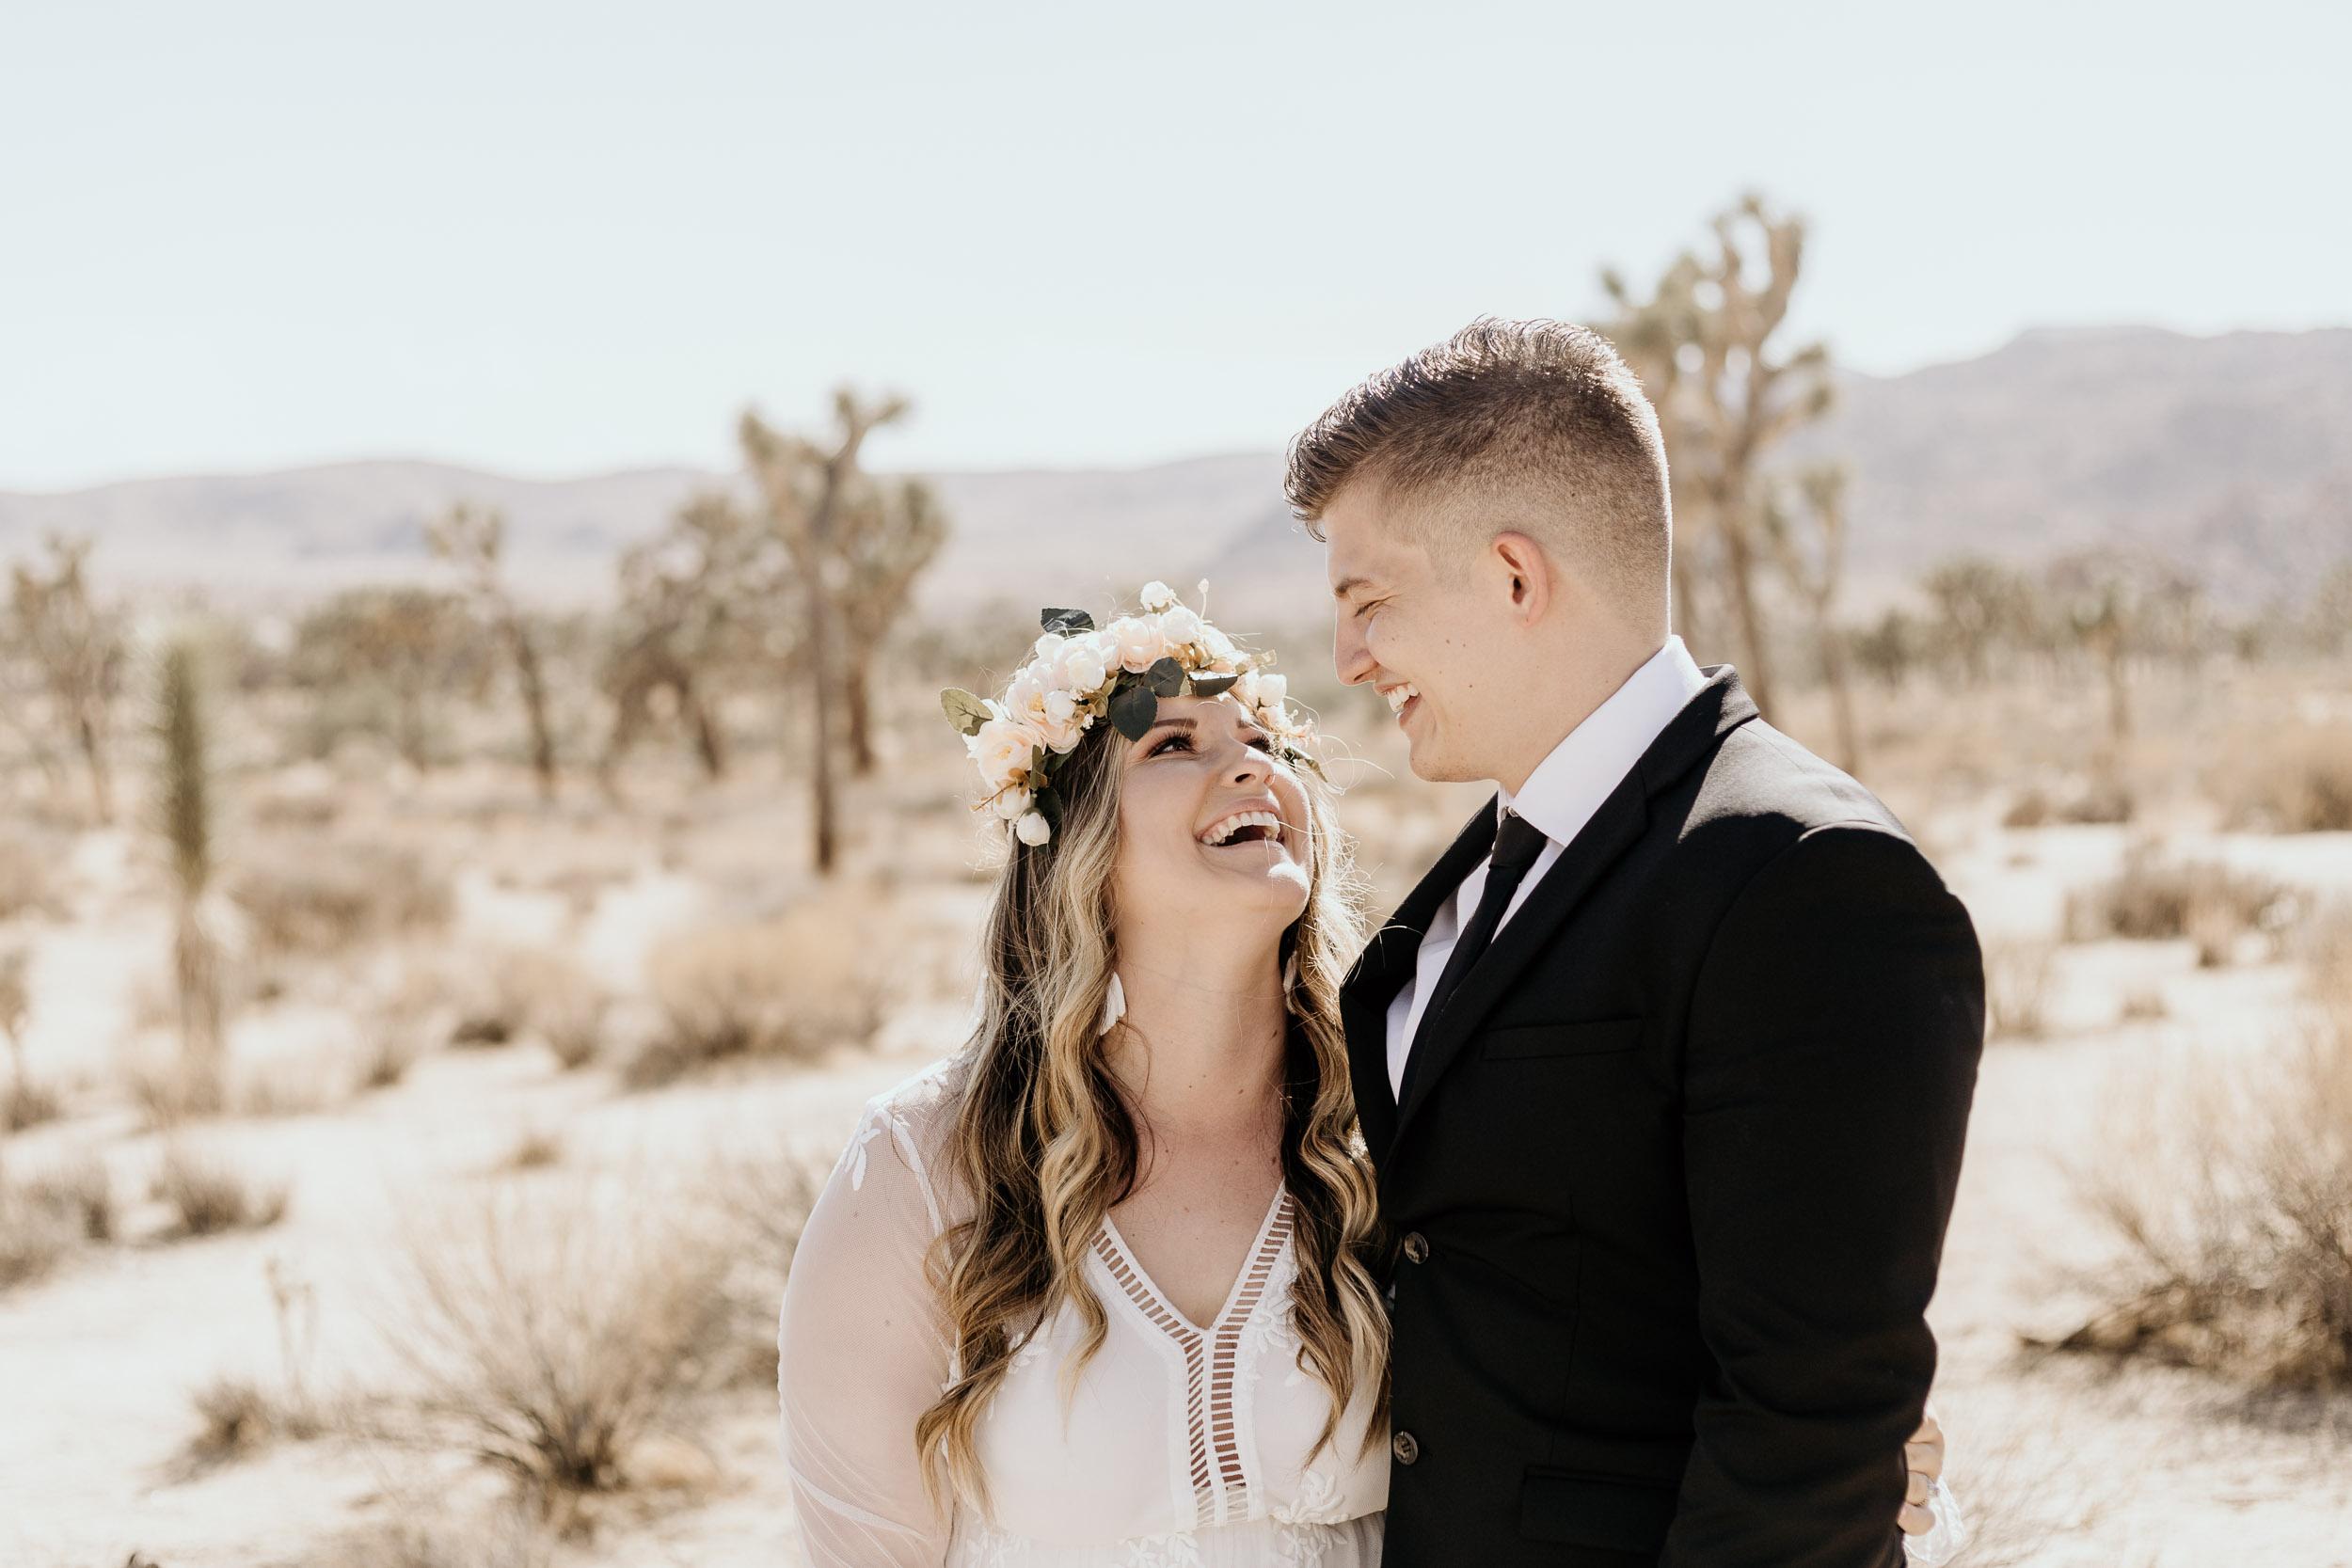 intimate-wedding-elopement-photographer-ottawa-joshua-tree-0189.jpg